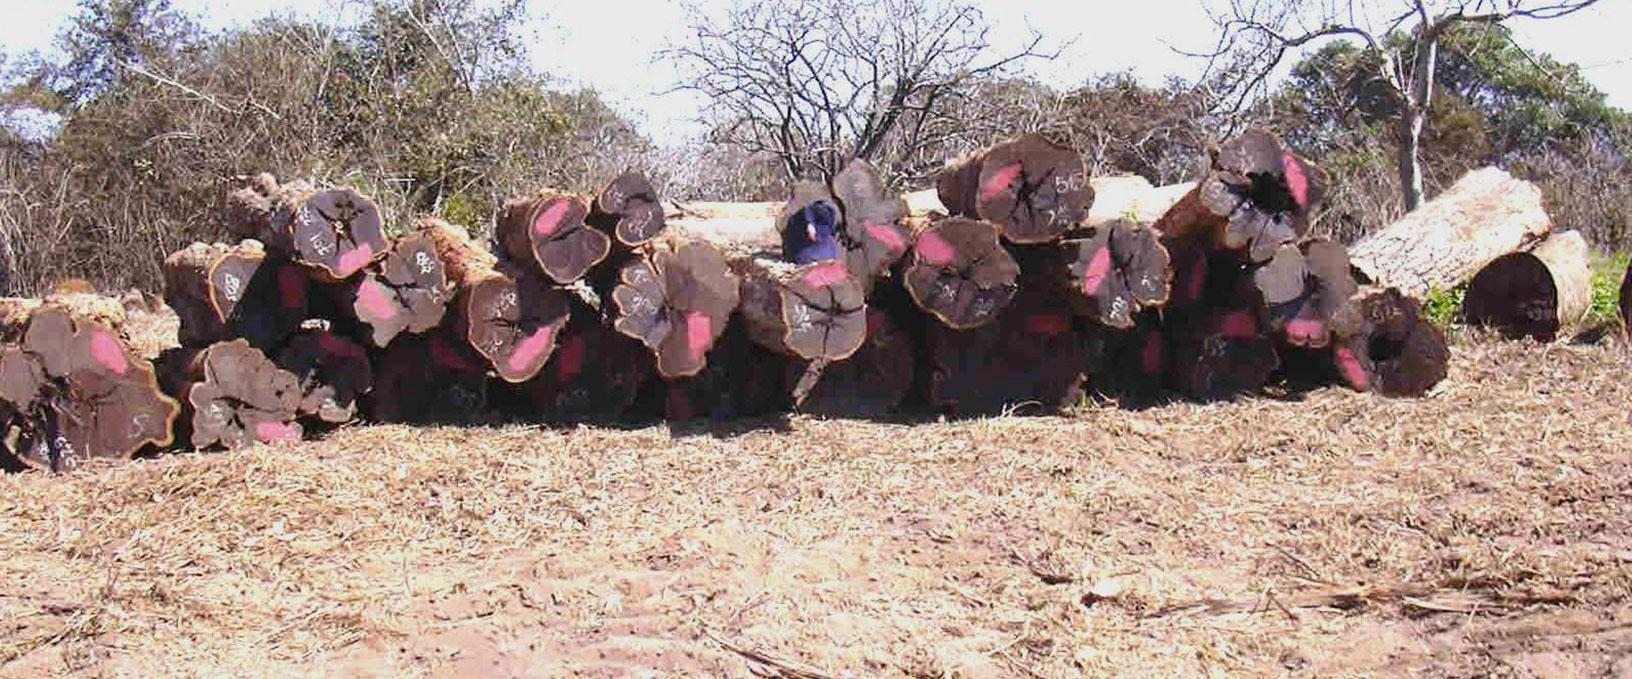 03. A graded logs